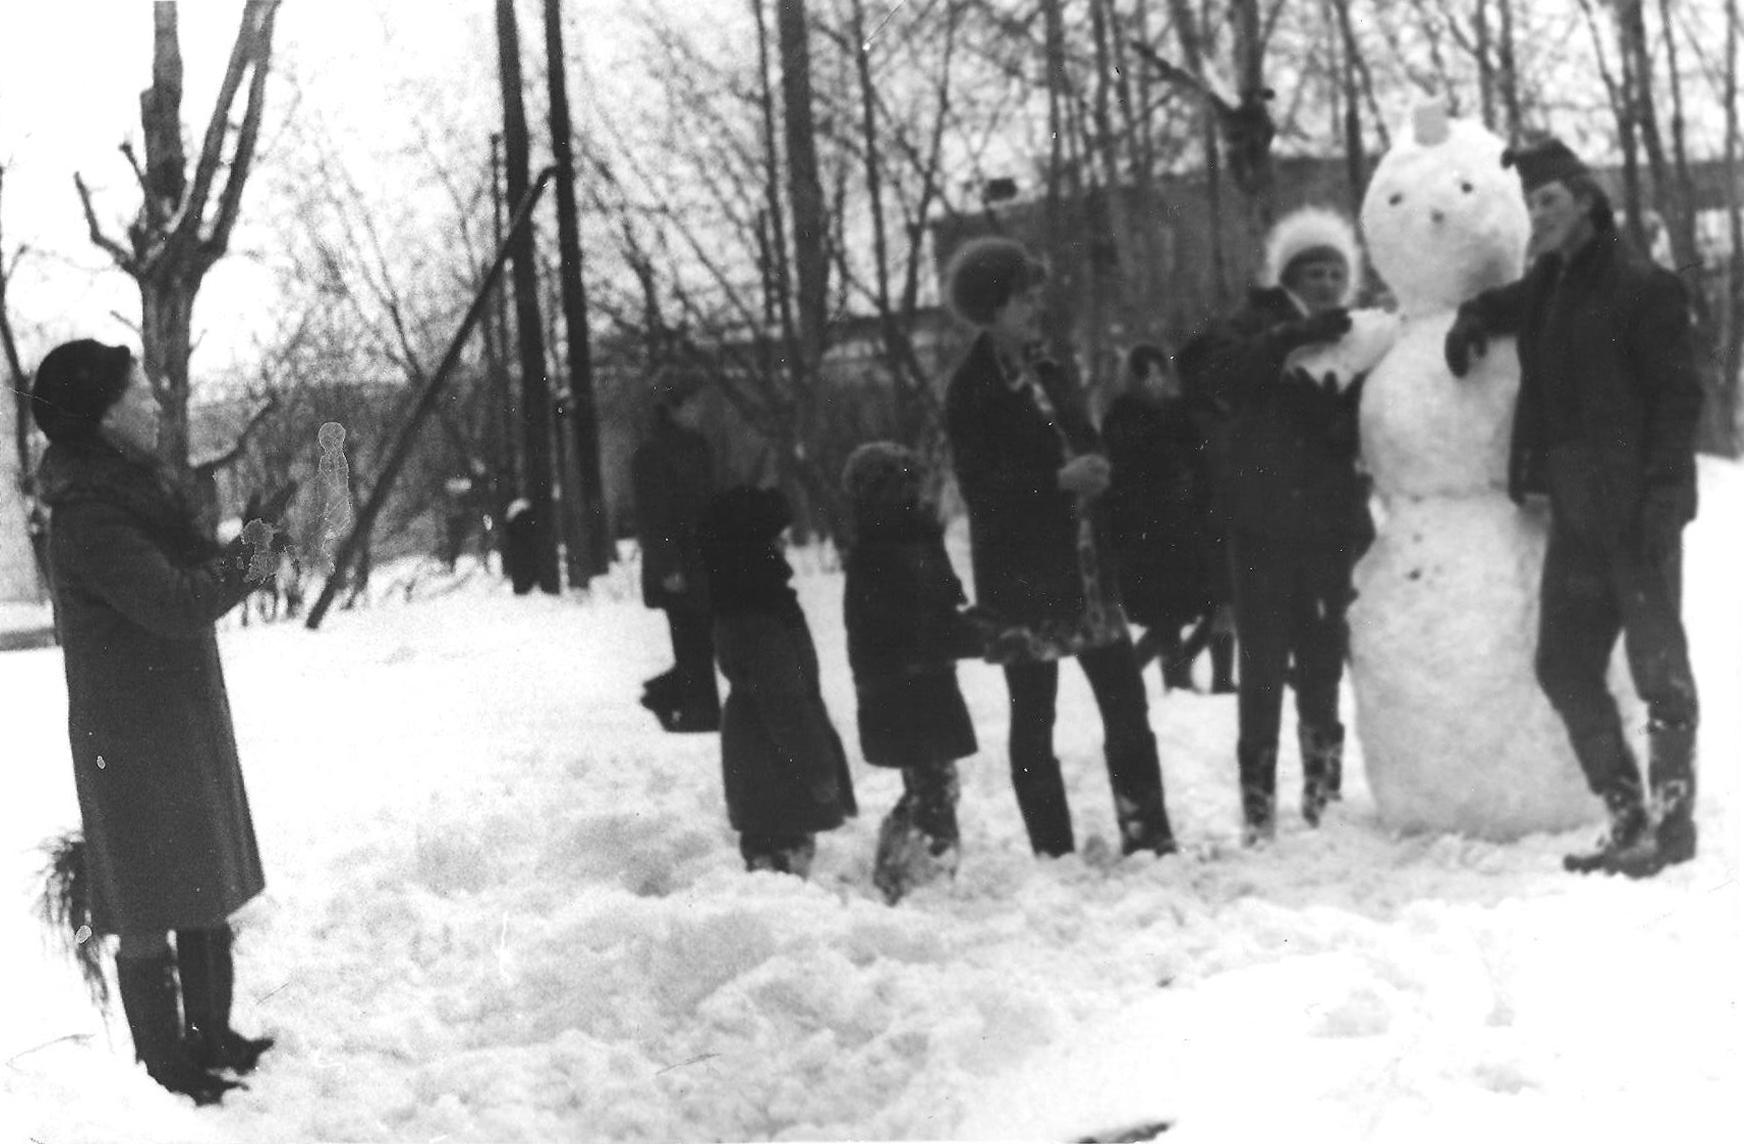 Во дворе дома ул. Щербакова, 26. Фото предоставлено автором воспоминаний.